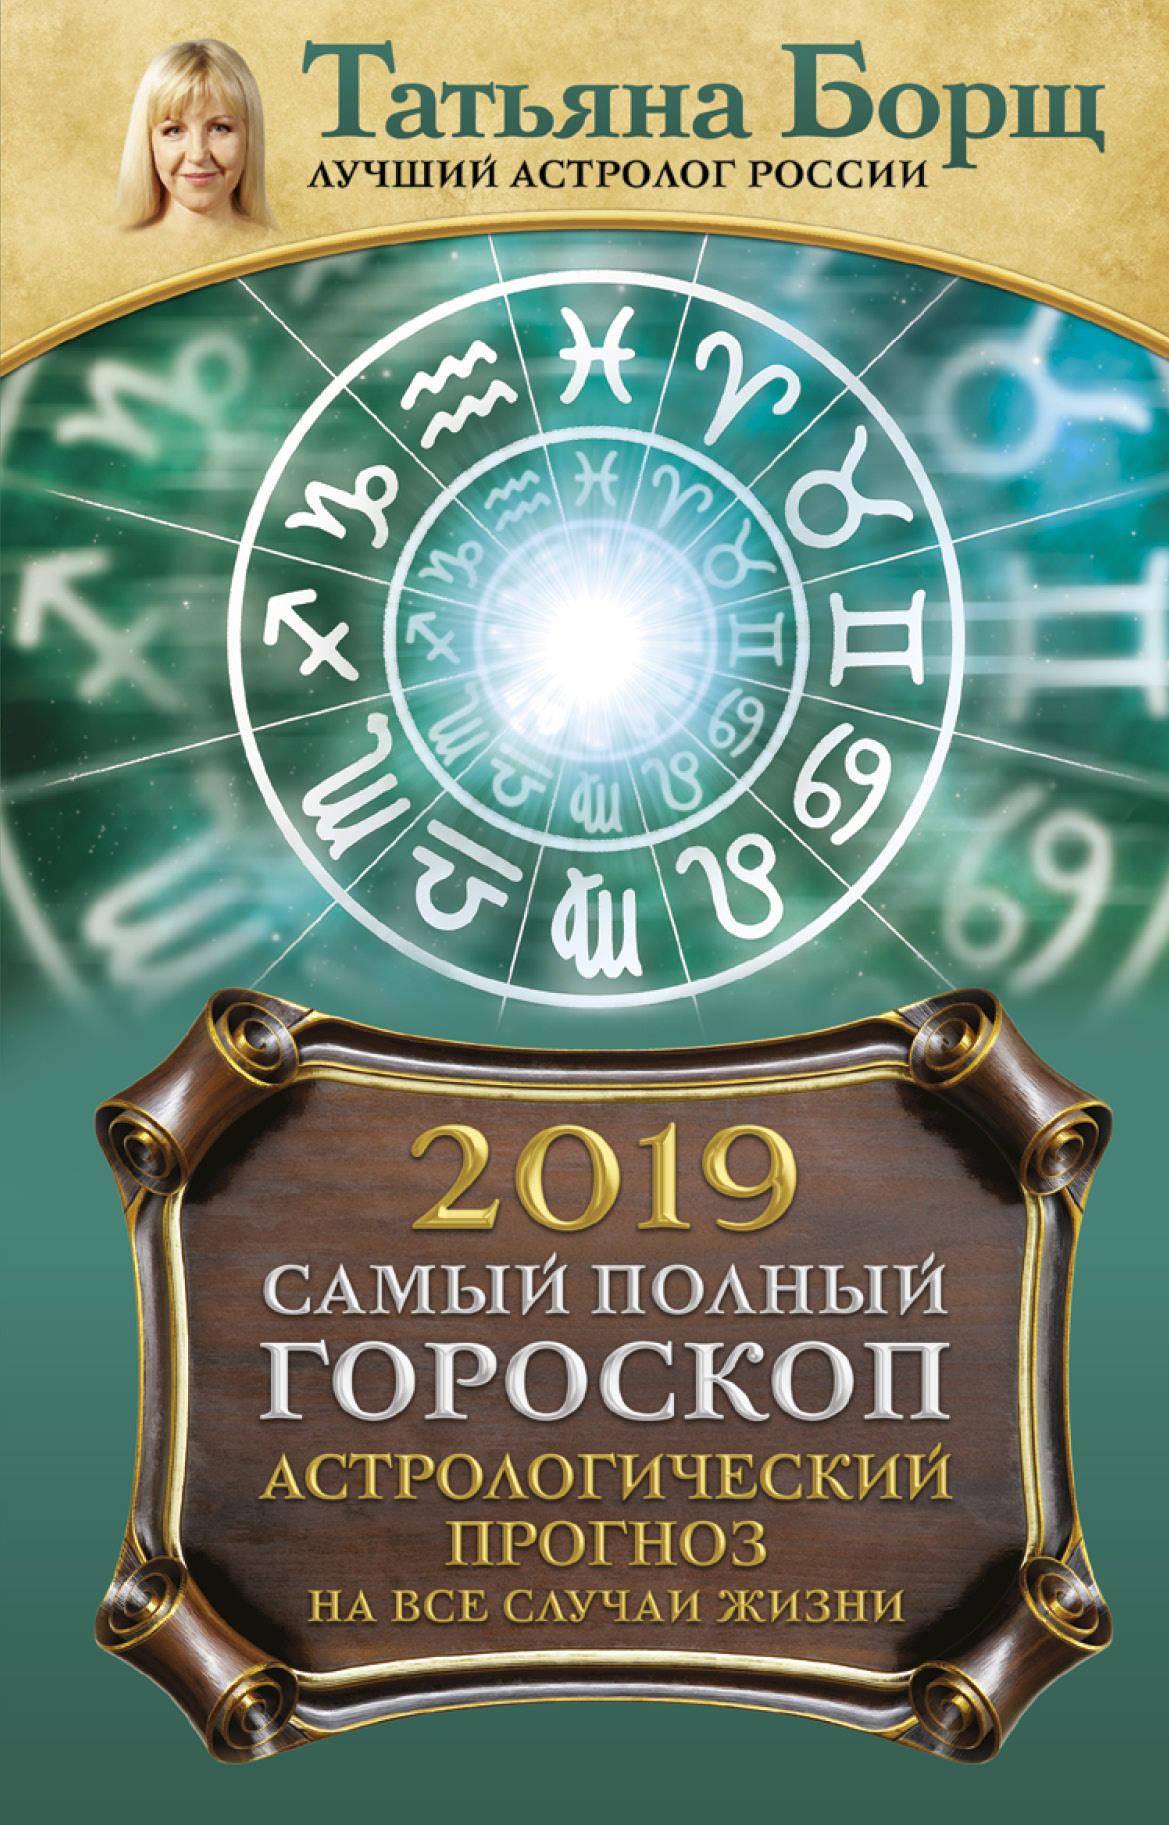 Татьяна Борщ Астрологический прогноз на все случаи жизни. Самый полный гороскоп на 2019 год